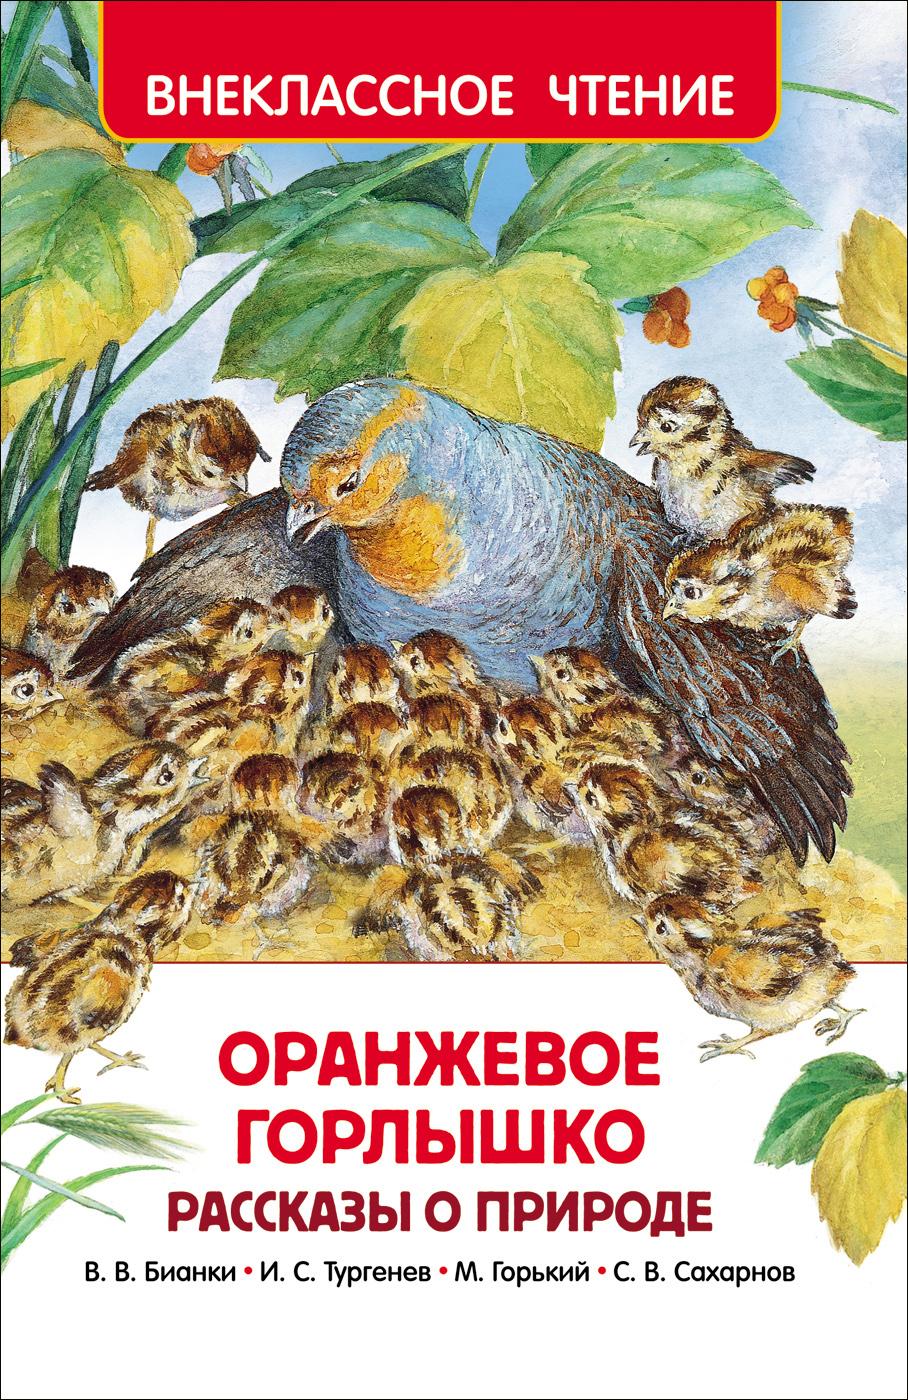 Книга - Оранжевое горлышко. Рассказы о природеВнеклассное чтение 6+<br>Книга - Оранжевое горлышко. Рассказы о природе<br>